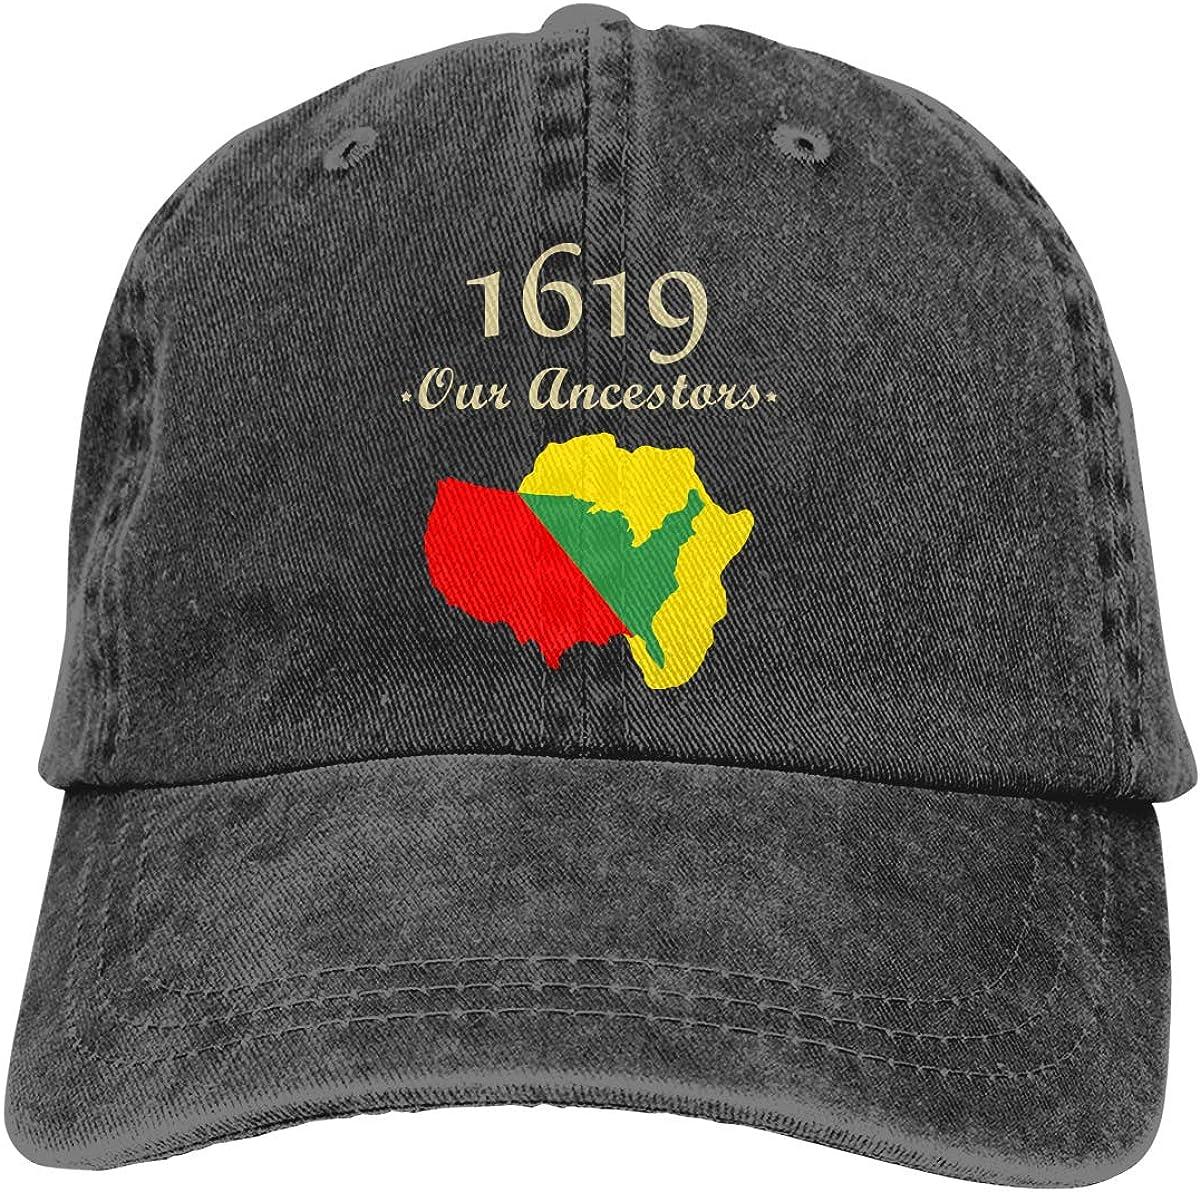 1619 Our Ancestors Project Unisex Adult Cowboy Hat Denim Hats Dad Hat Cool Hats